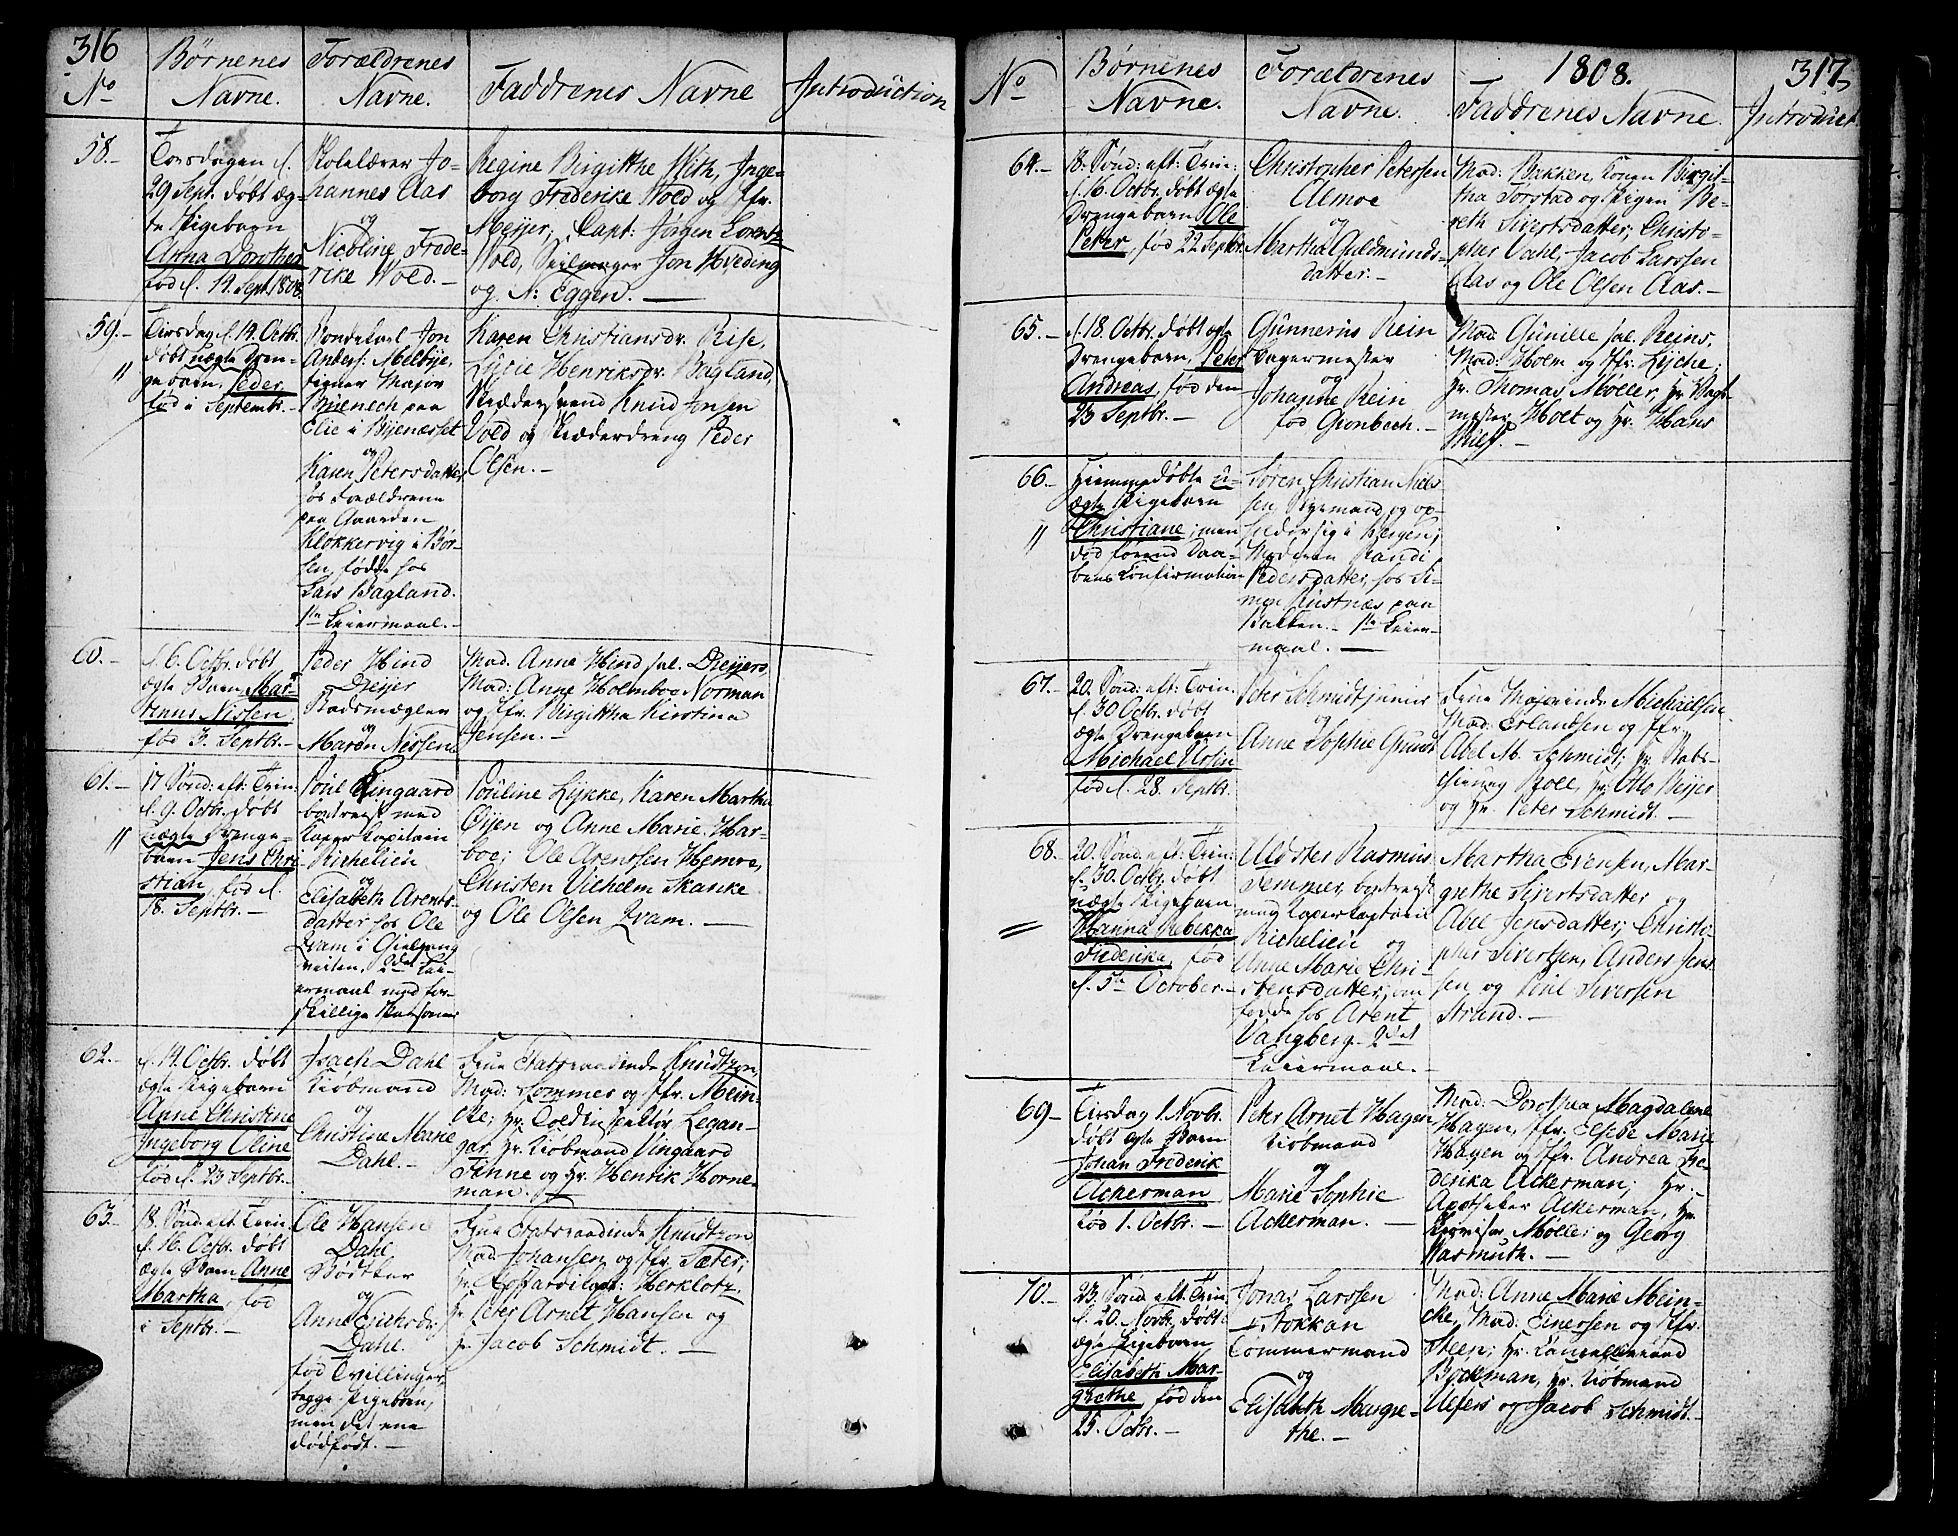 SAT, Ministerialprotokoller, klokkerbøker og fødselsregistre - Sør-Trøndelag, 602/L0104: Ministerialbok nr. 602A02, 1774-1814, s. 316-317